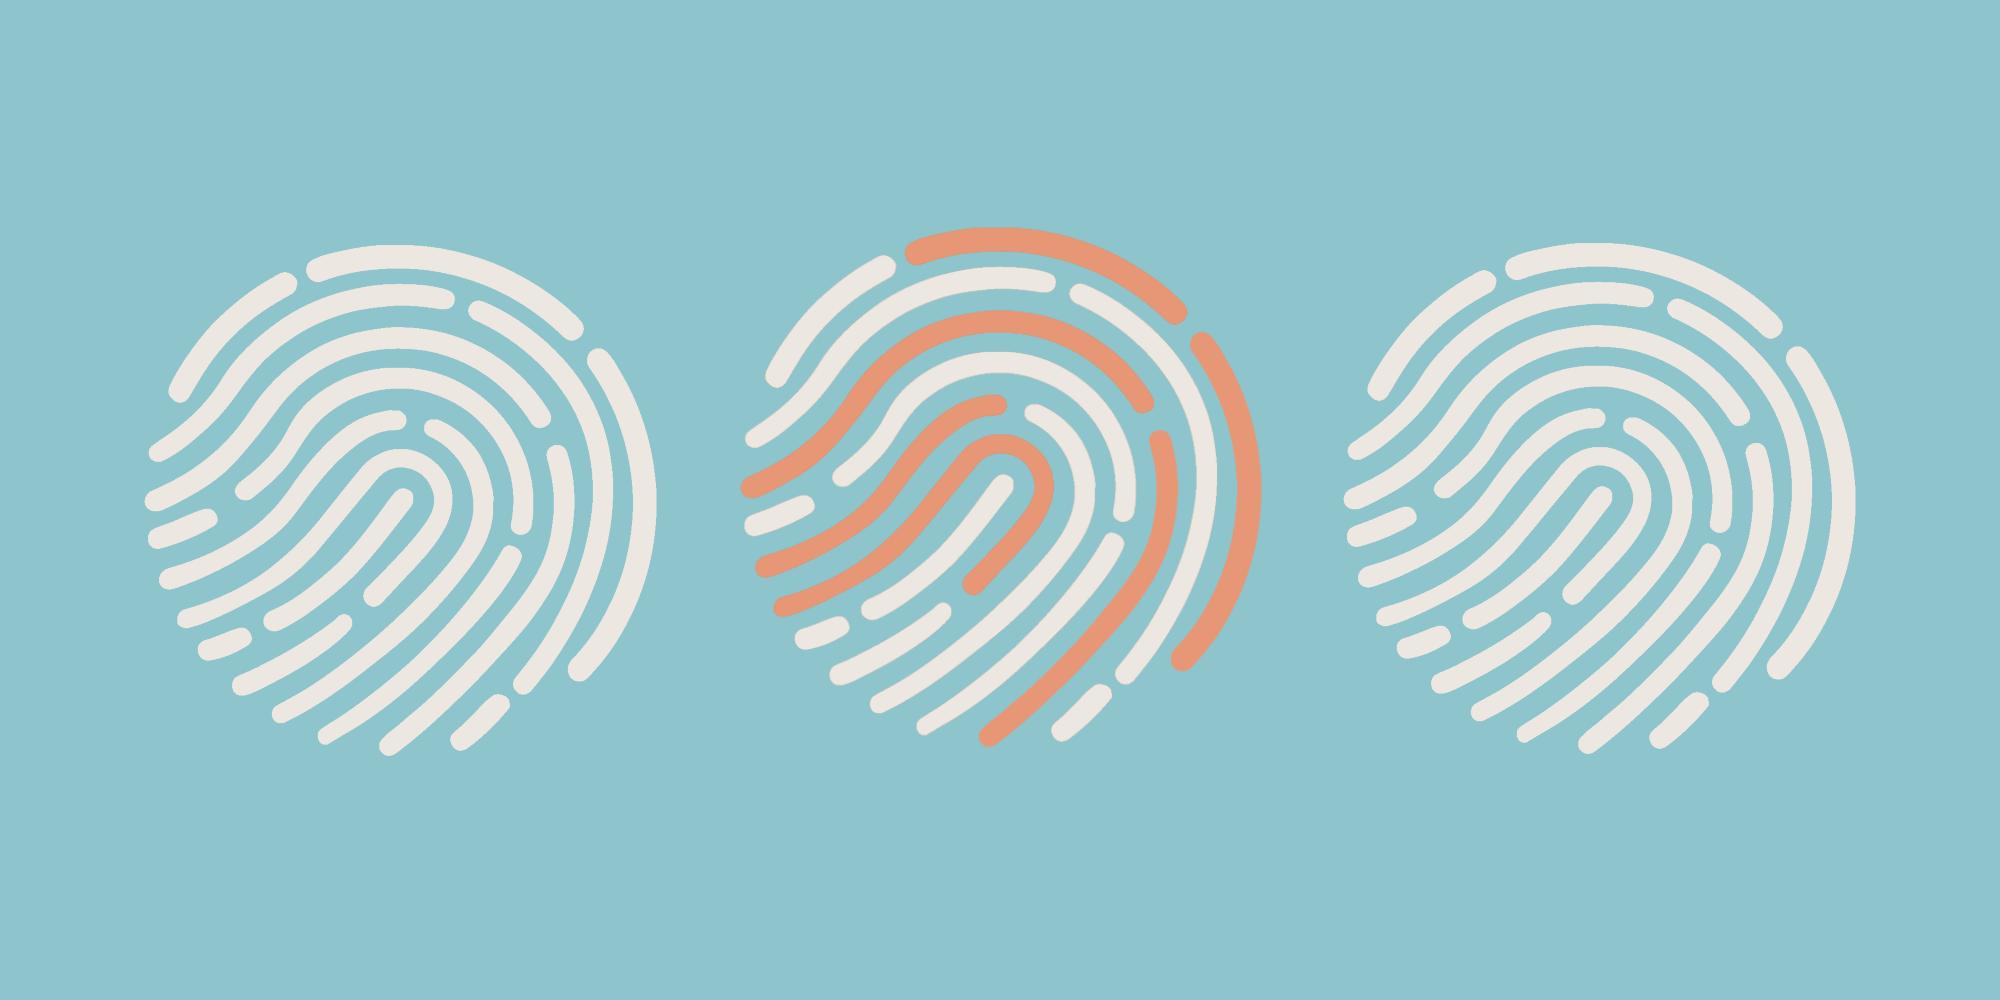 🕵 Обучение кибербезопасности: как составить резюме, пройти собеседование и найти работу?